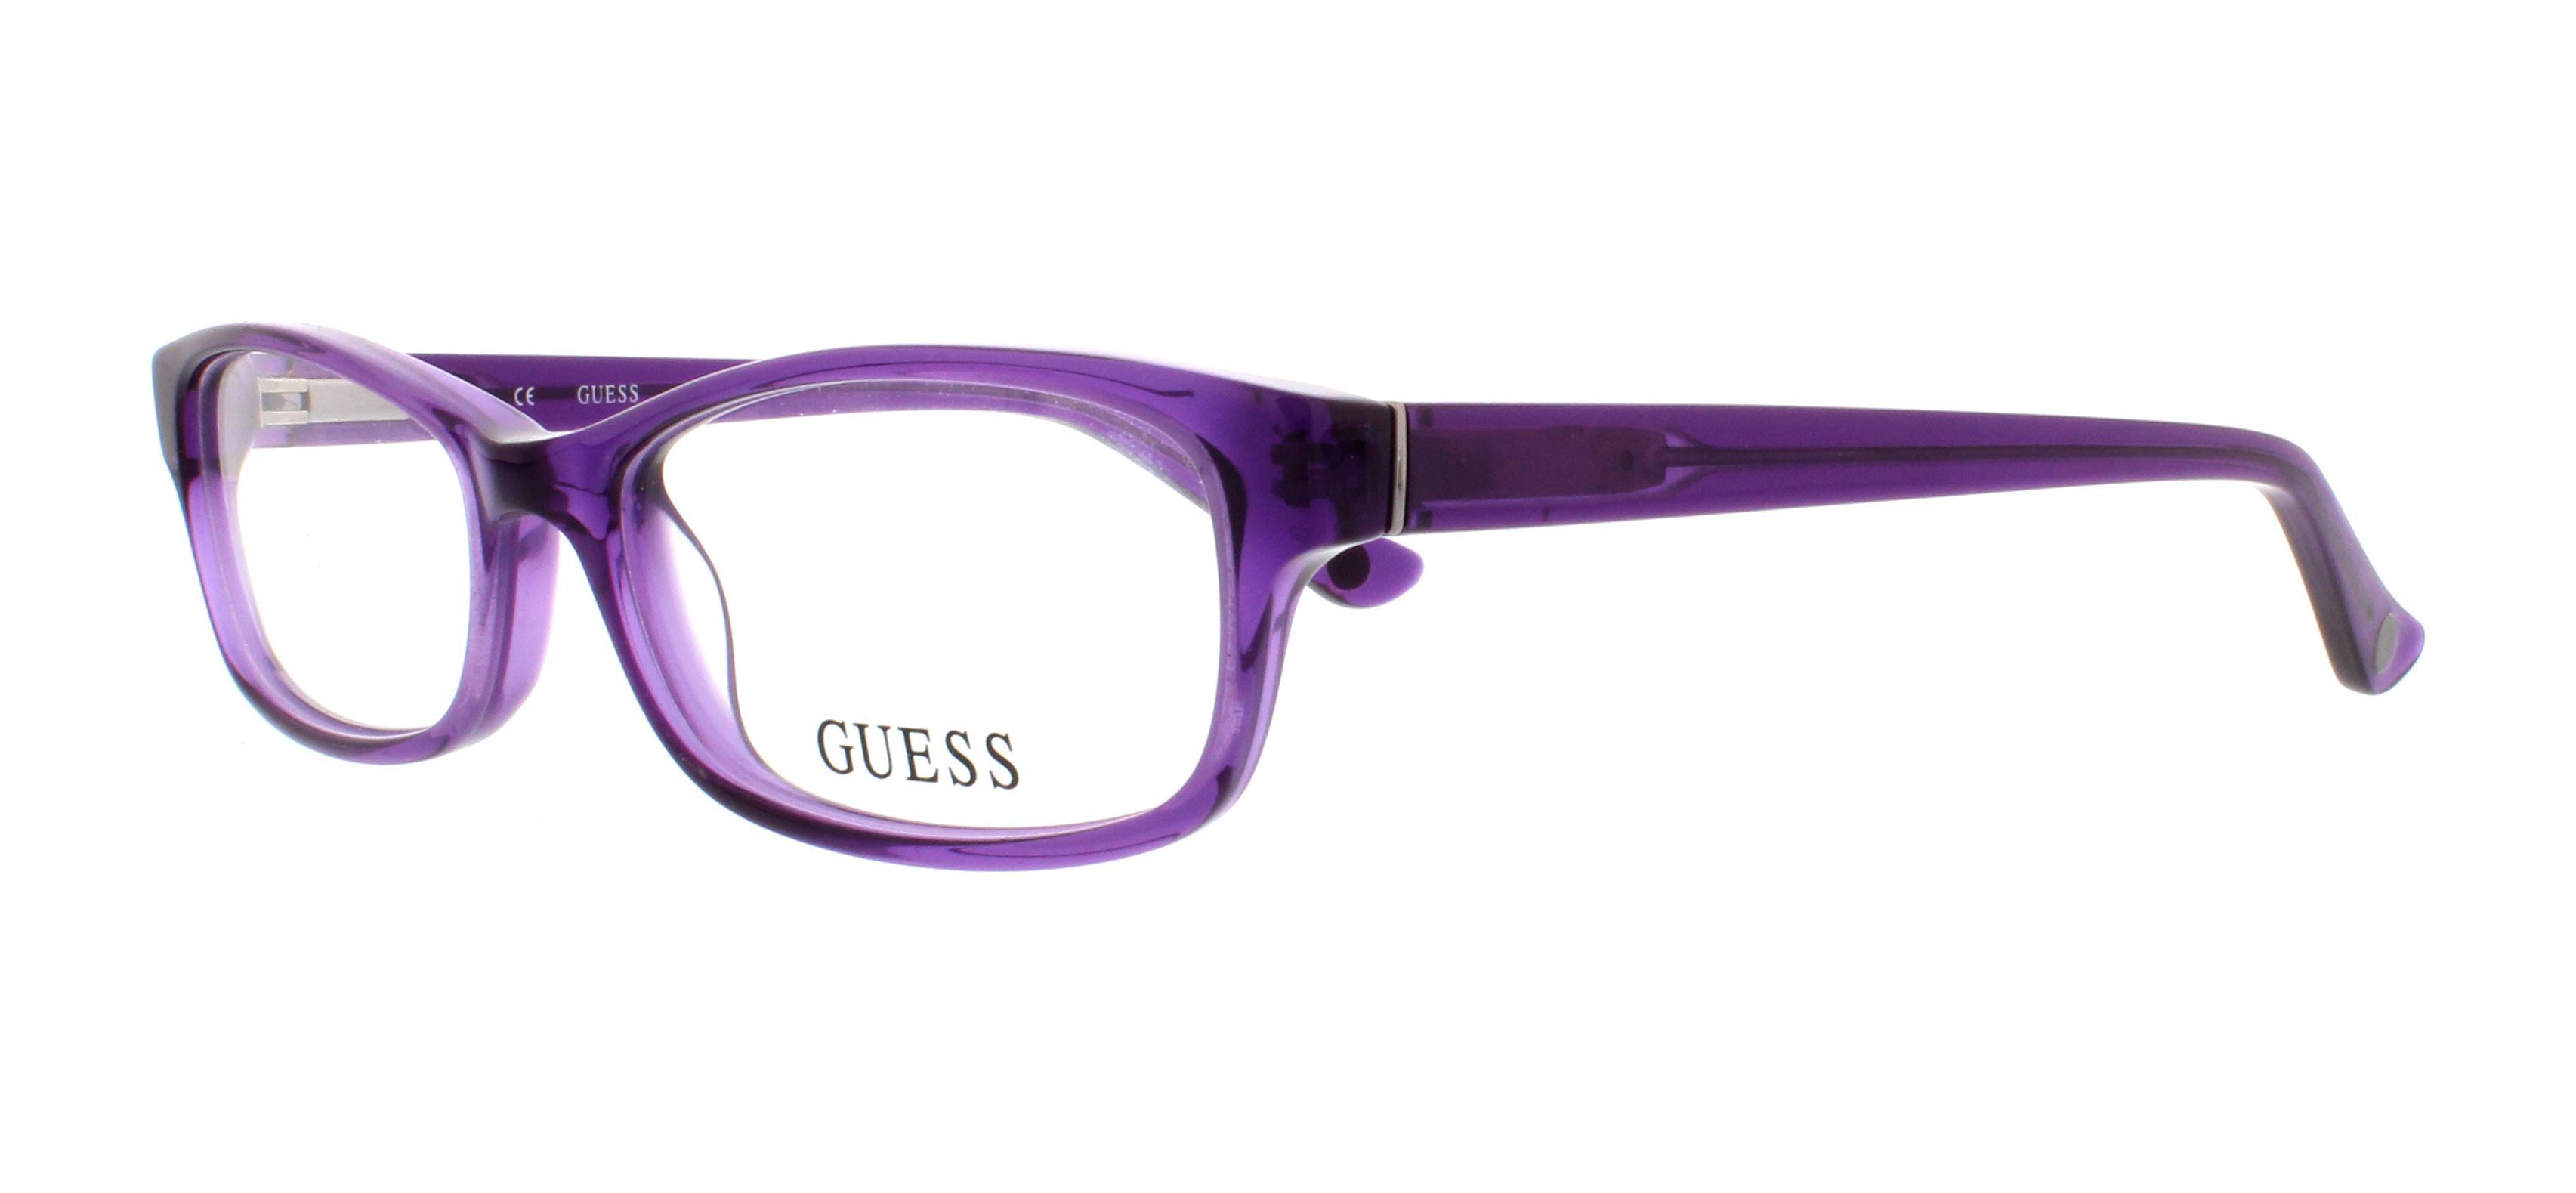 Designer Frames Outlet. Guess GU2517